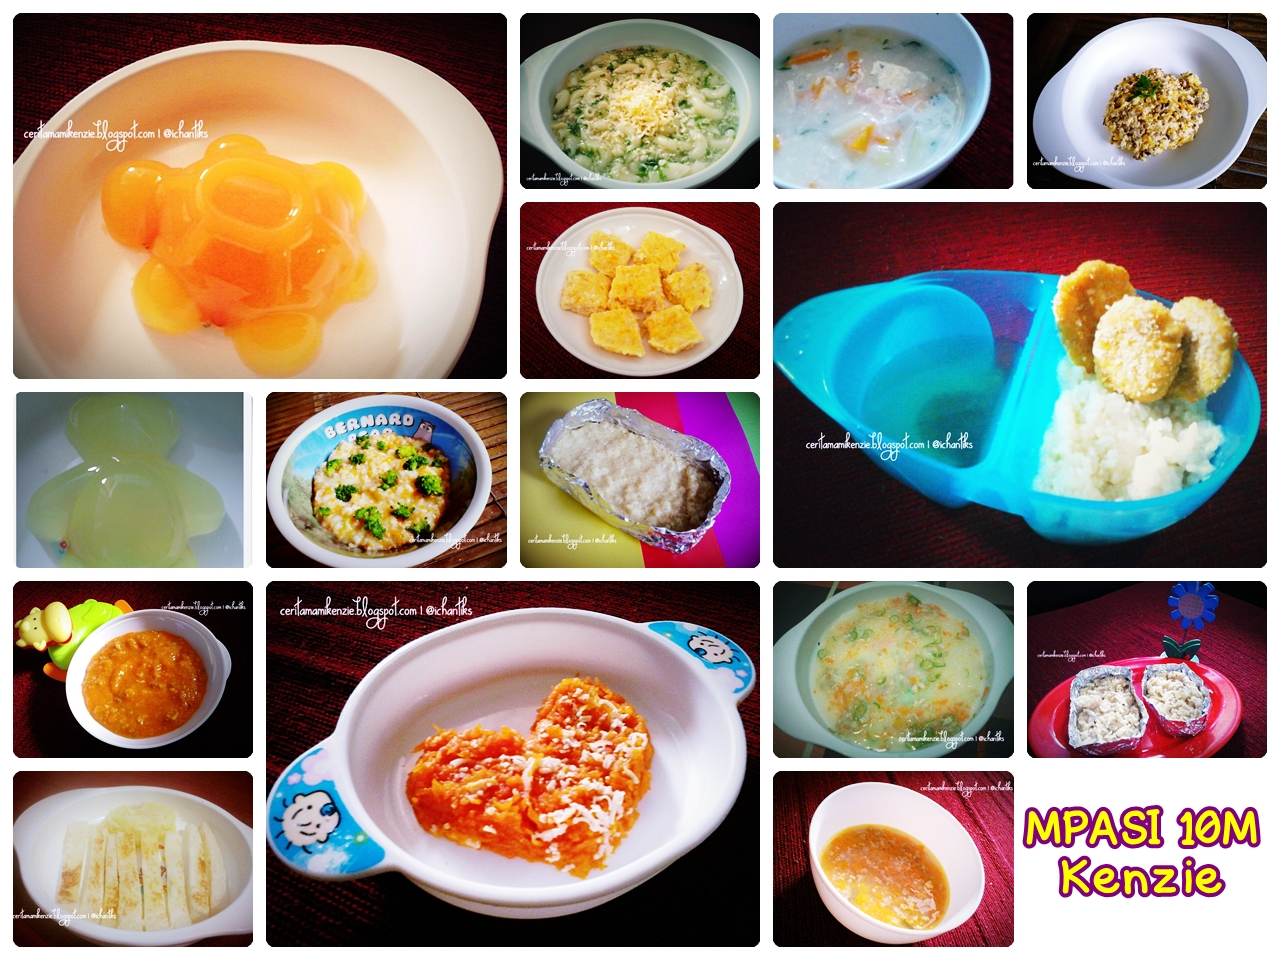 Bayi 10 Bulan Makan Nasi Lembek